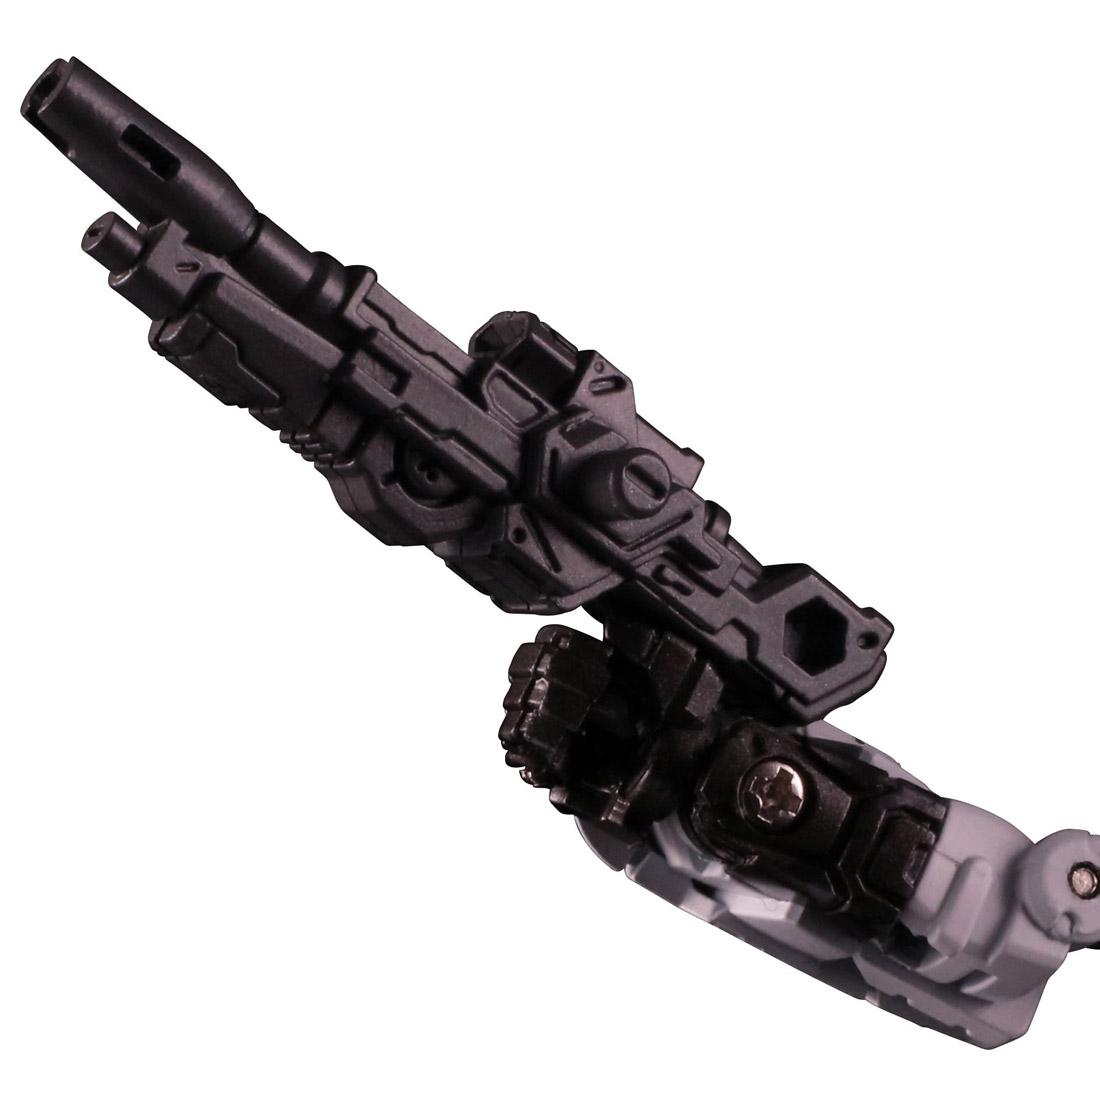 ダイアクロン『DA-35 パワードシステム スカイジャケット〈ストームセイバーズver.〉』可動フィギュア-006